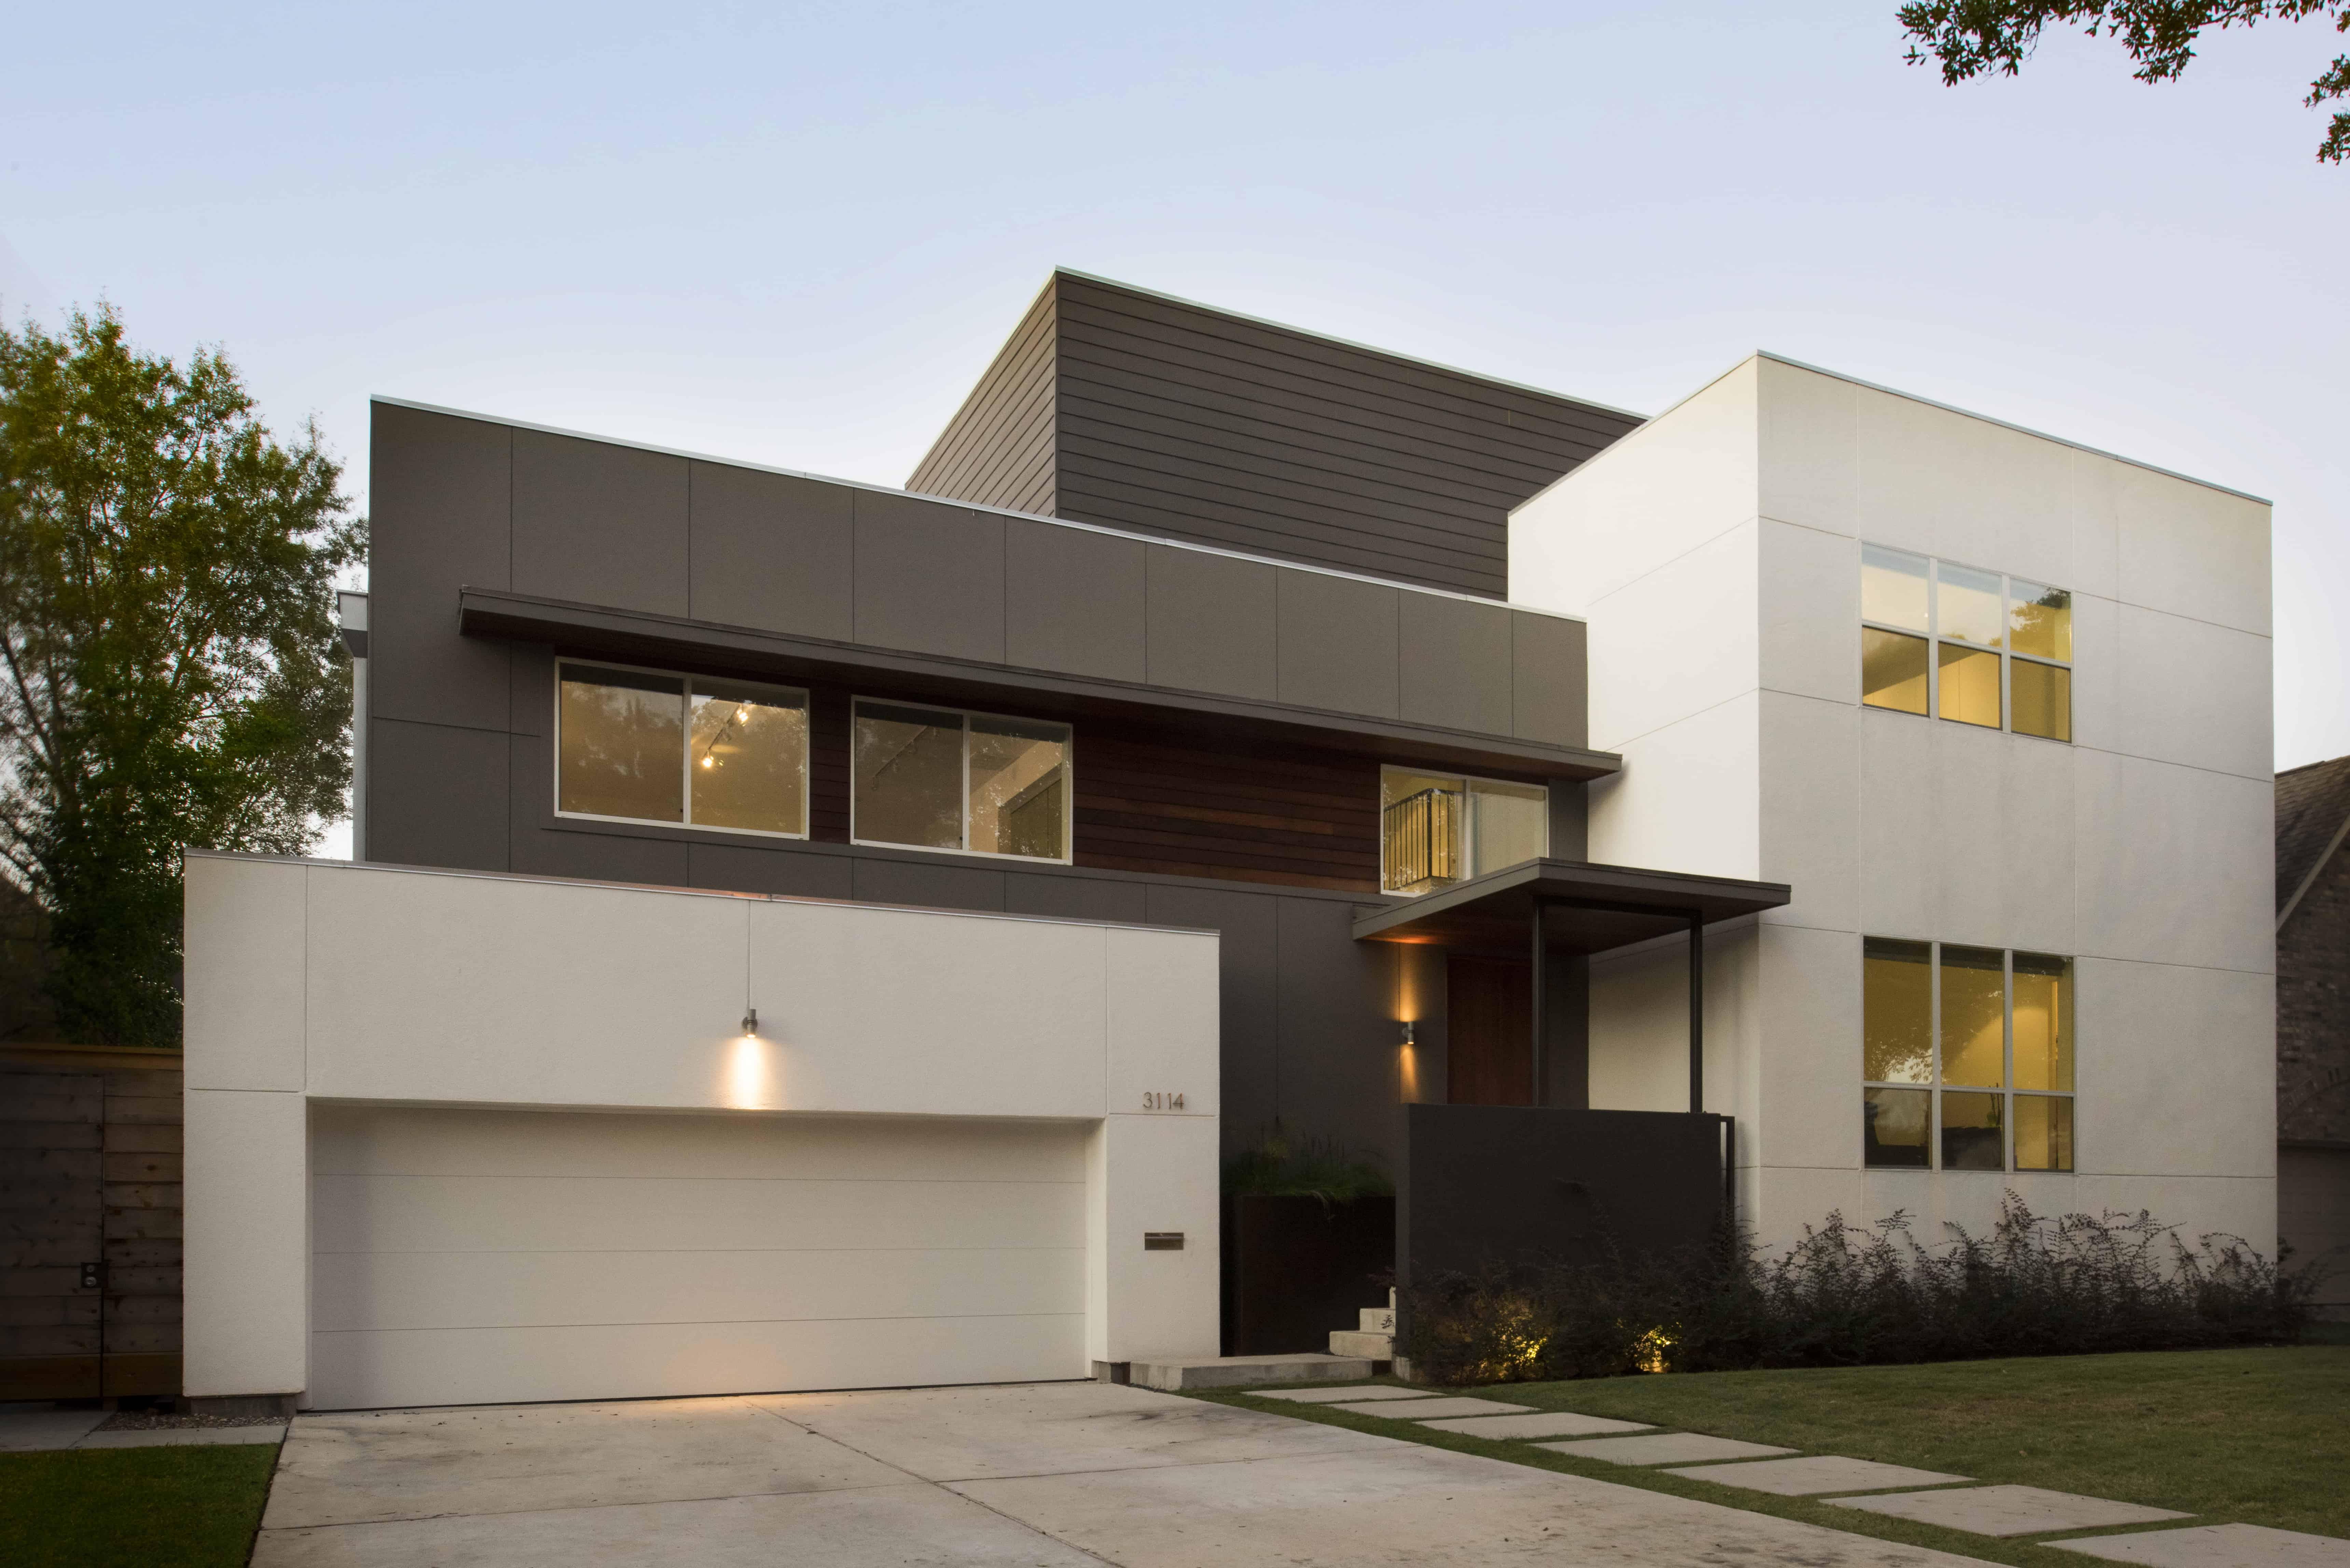 Glen Haven Brasewood Modern Home